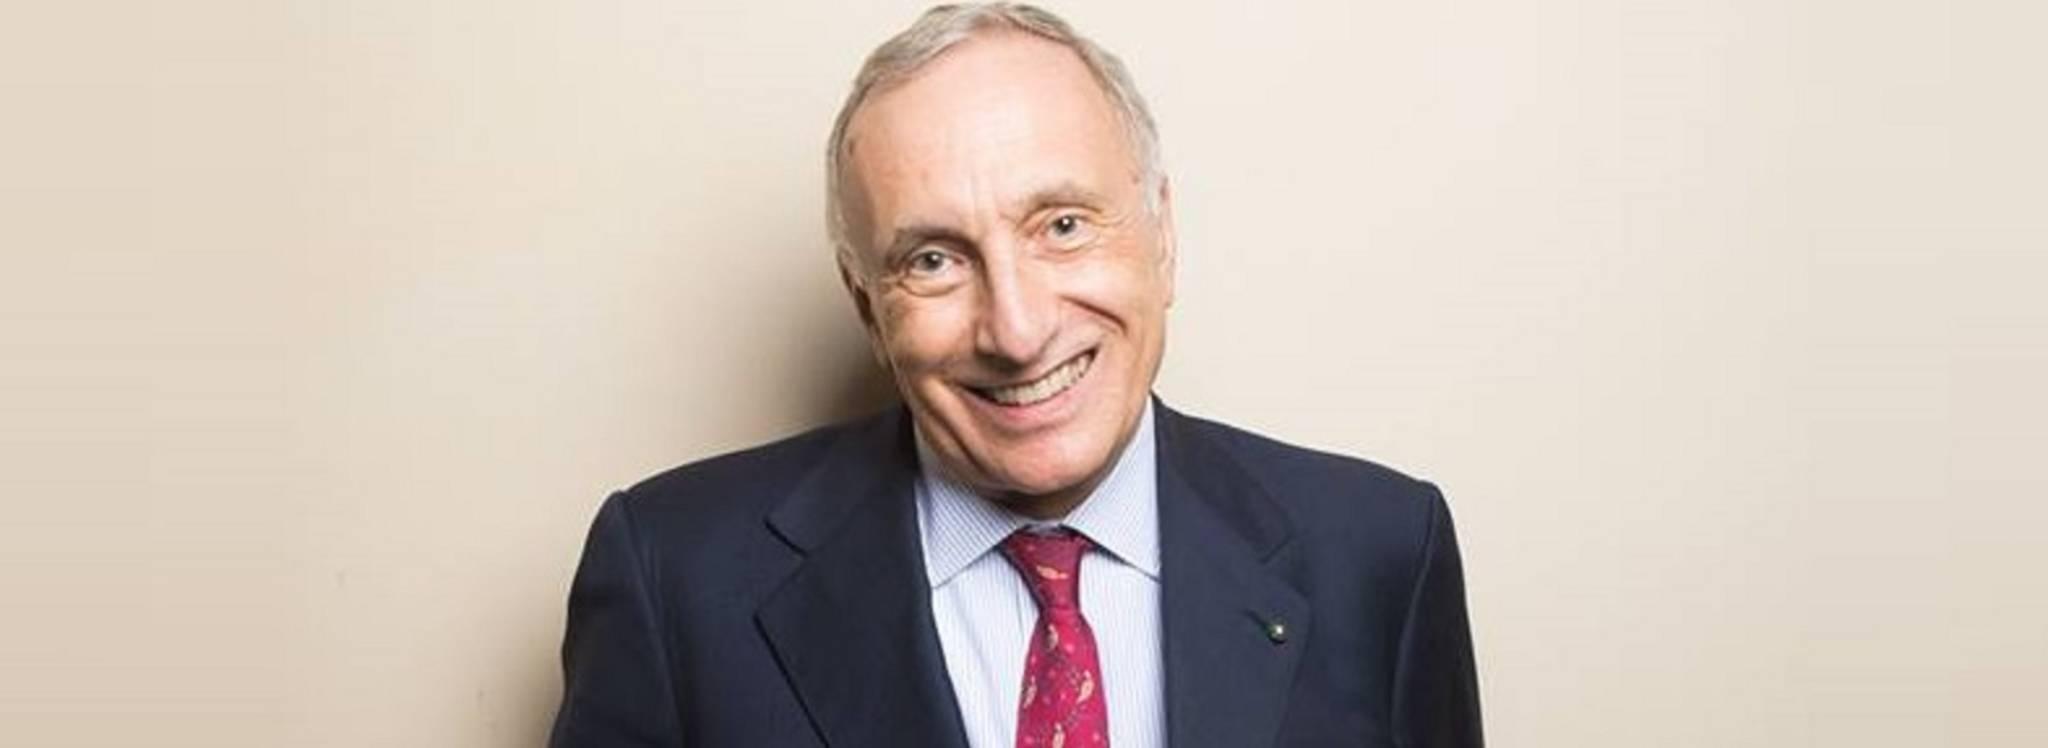 Cavaliere Silvio Albini